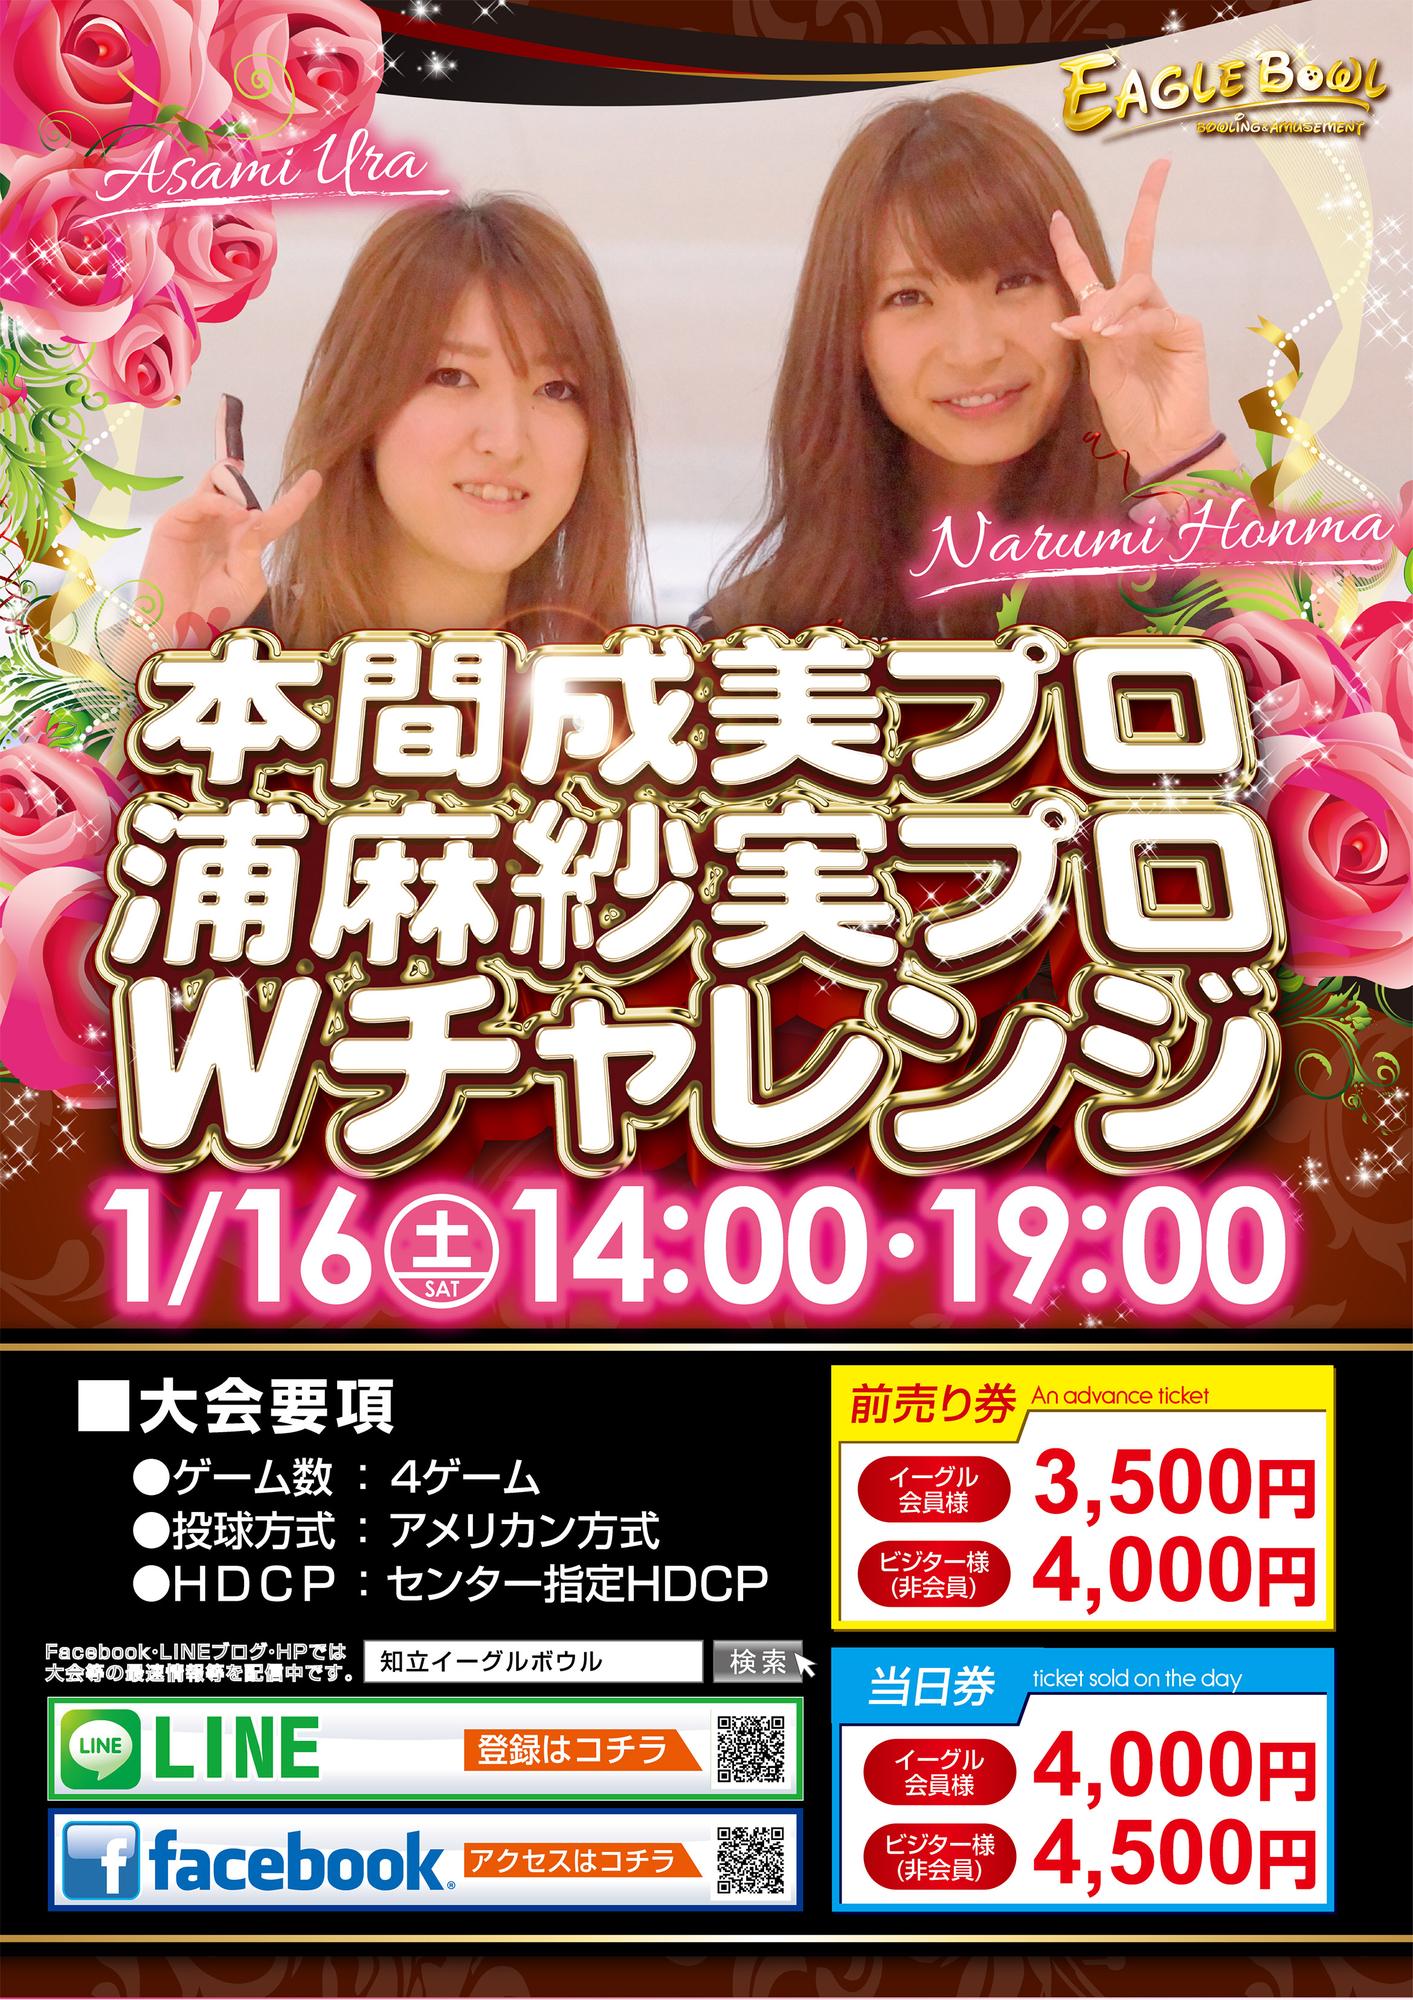 1/16 本間成美プロ&浦麻紗実プロチャレンジ